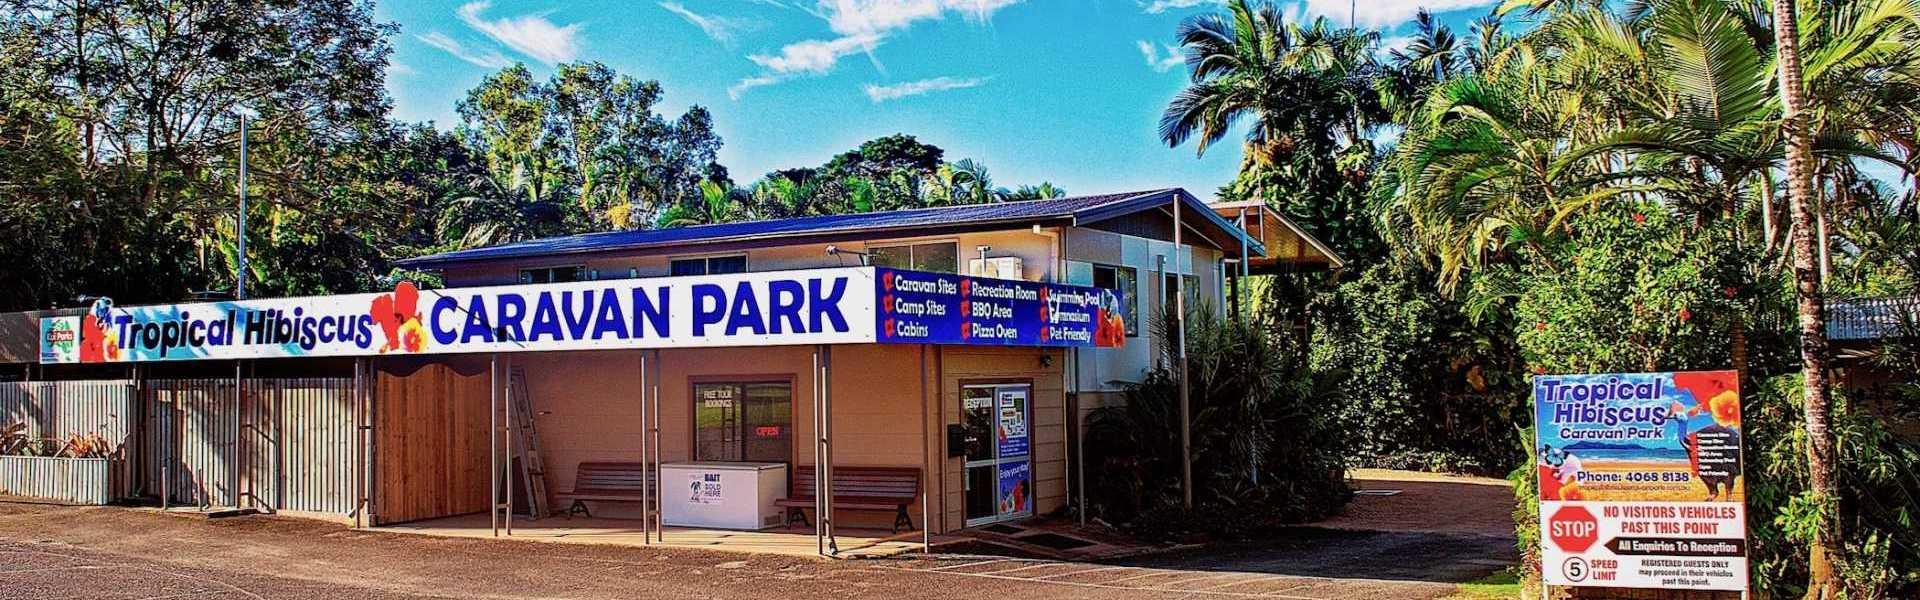 Kui Parks, Tropical Hibiscus Caravan Park, Mission Beach, Entrance